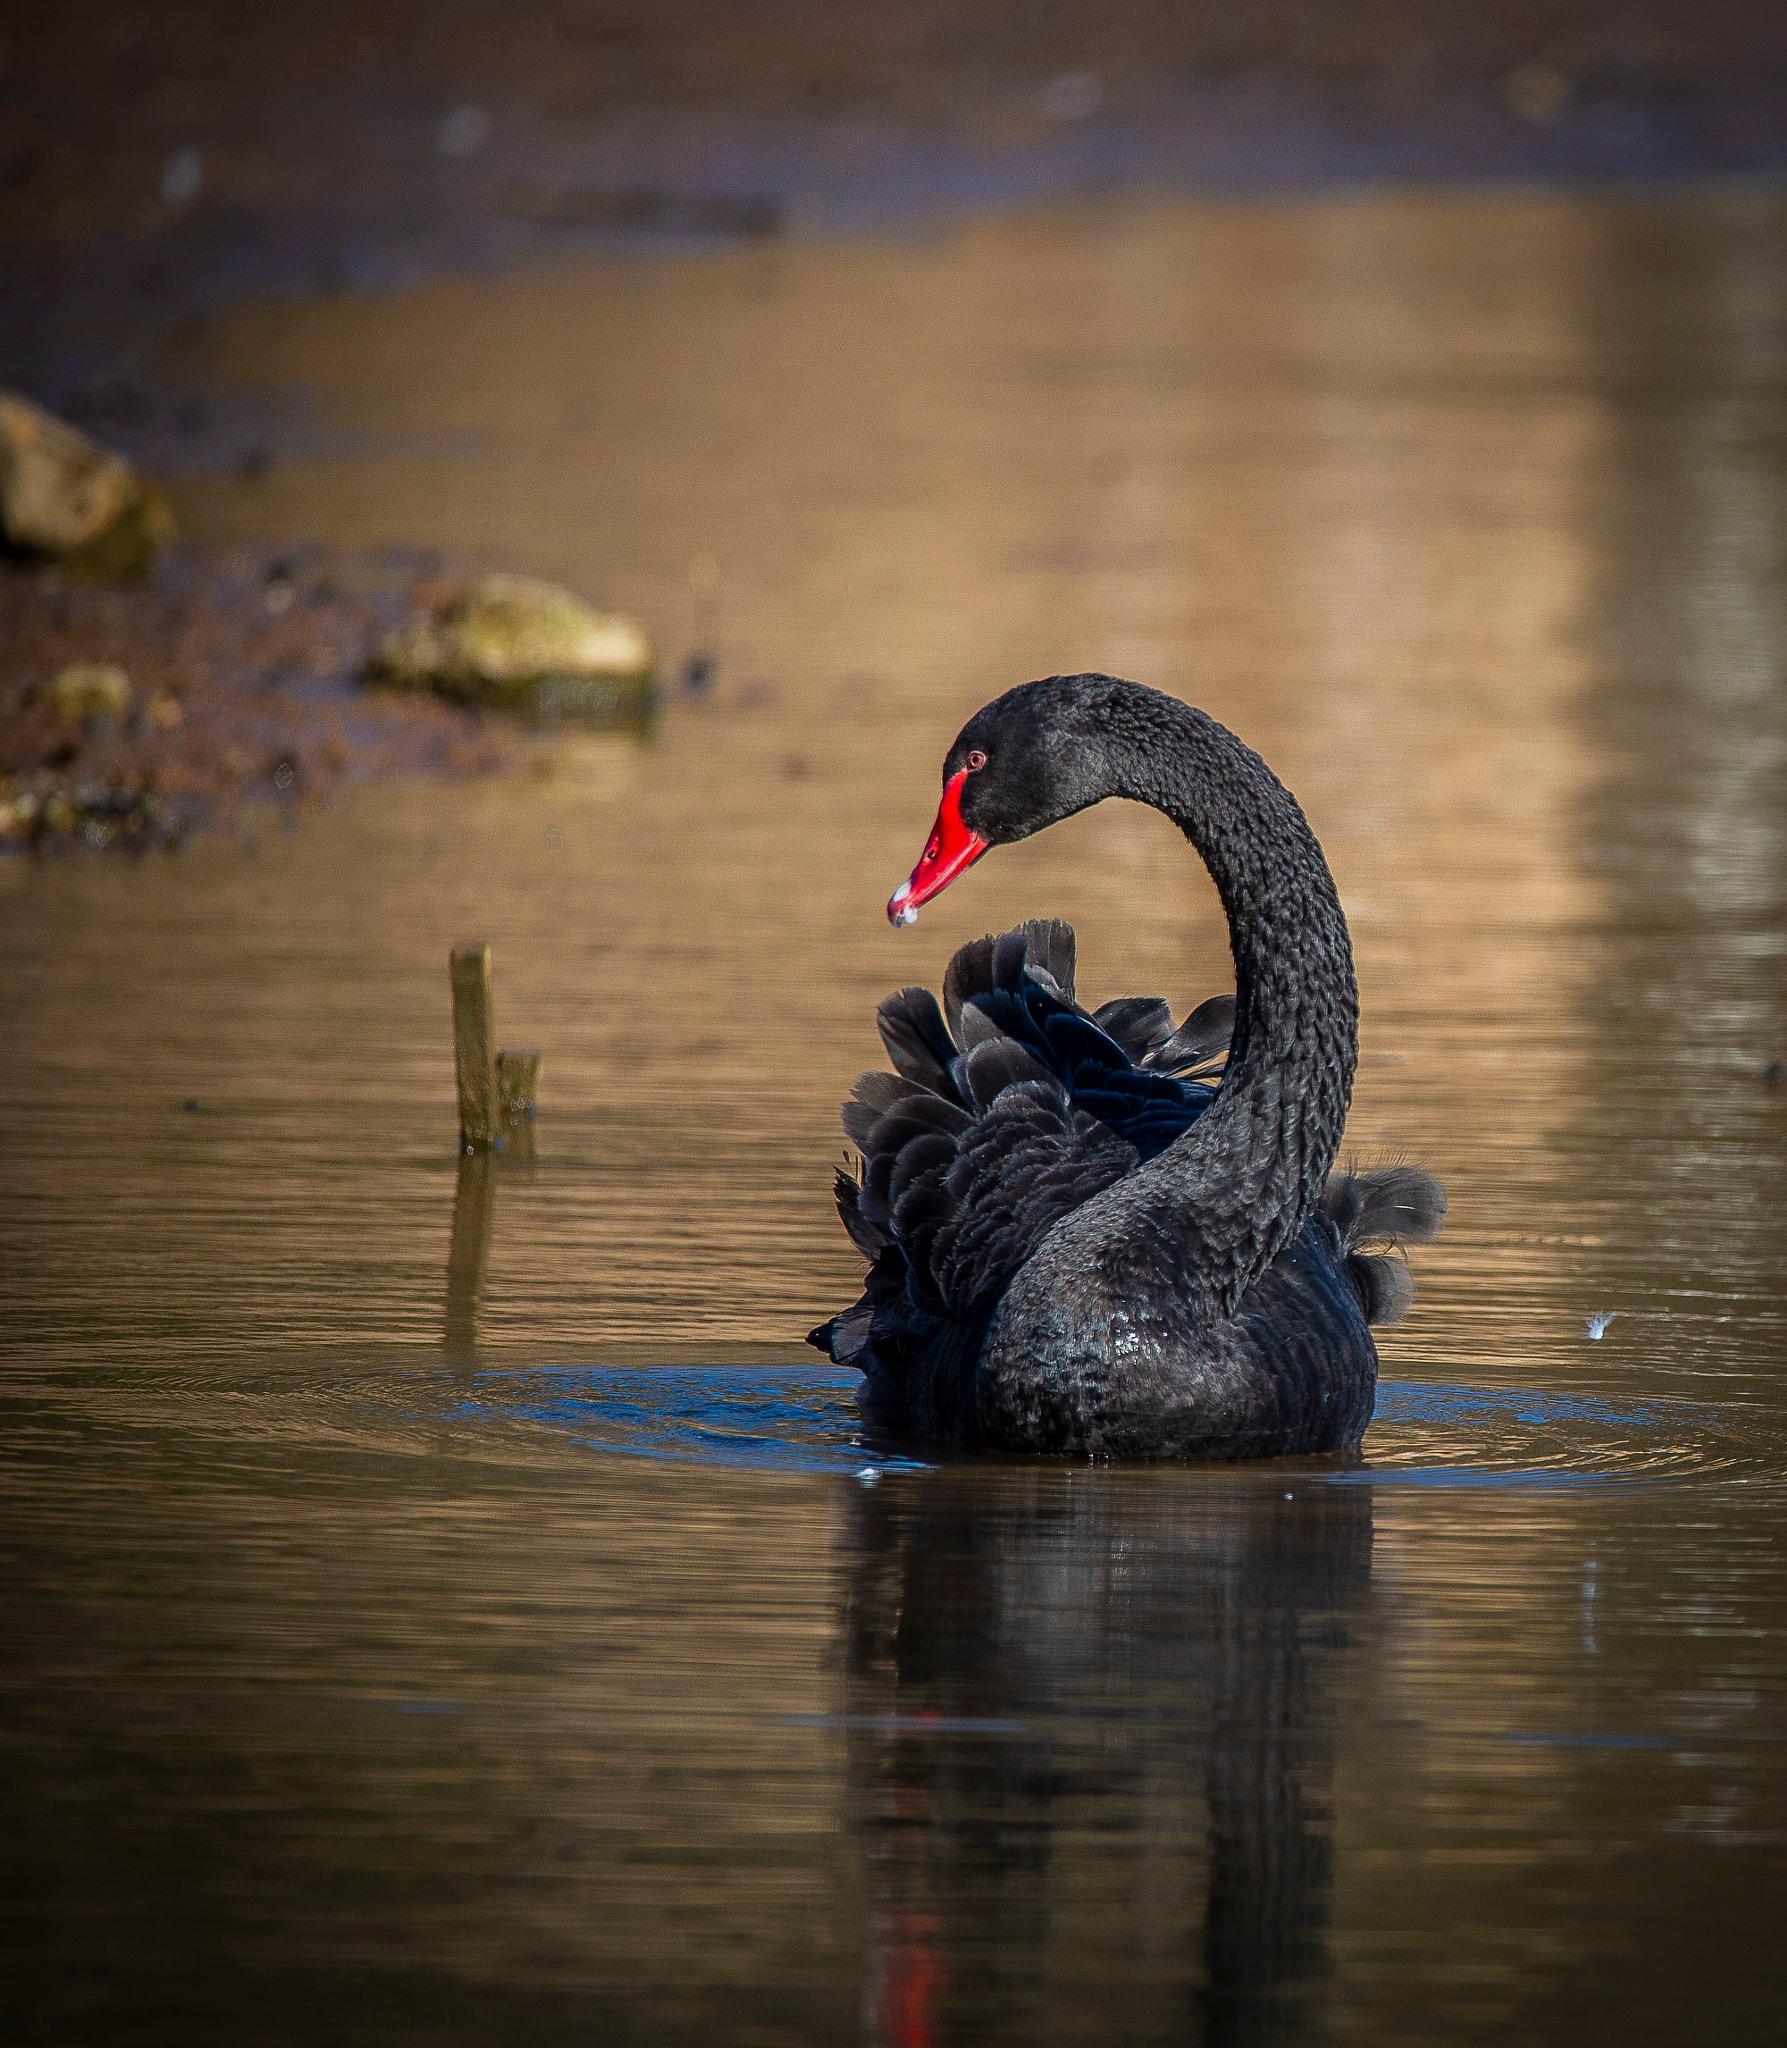 Black Swan by Razorsharp